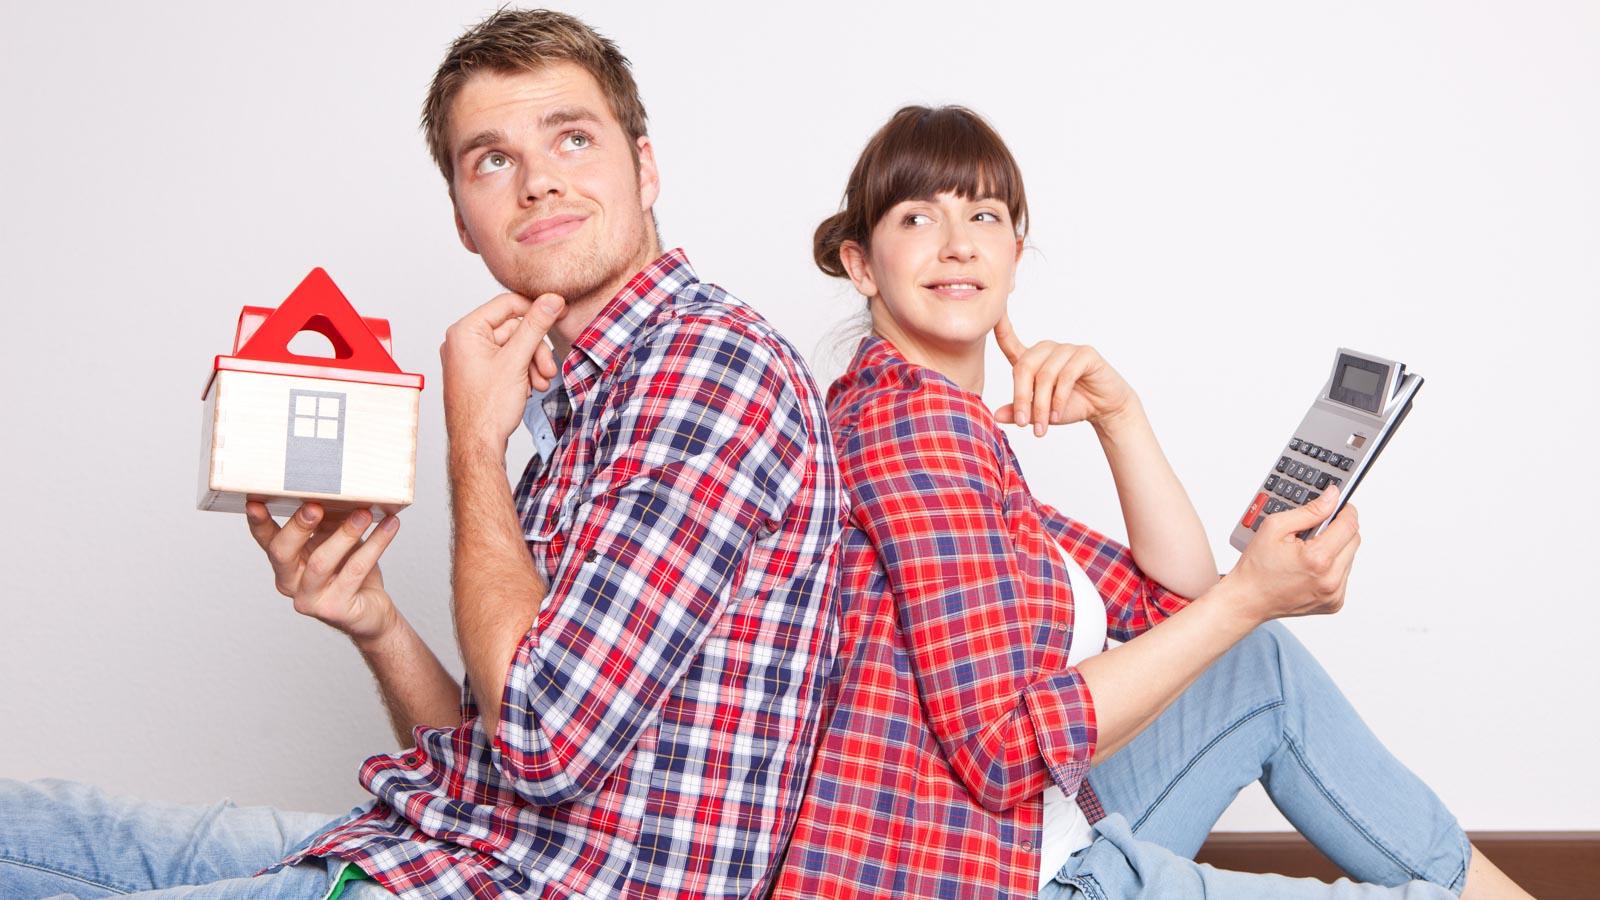 Junges Paar sitzt Rück an Rücken, Mann mit Modellhaus, Frau mit Taschenrechner in der HAnd